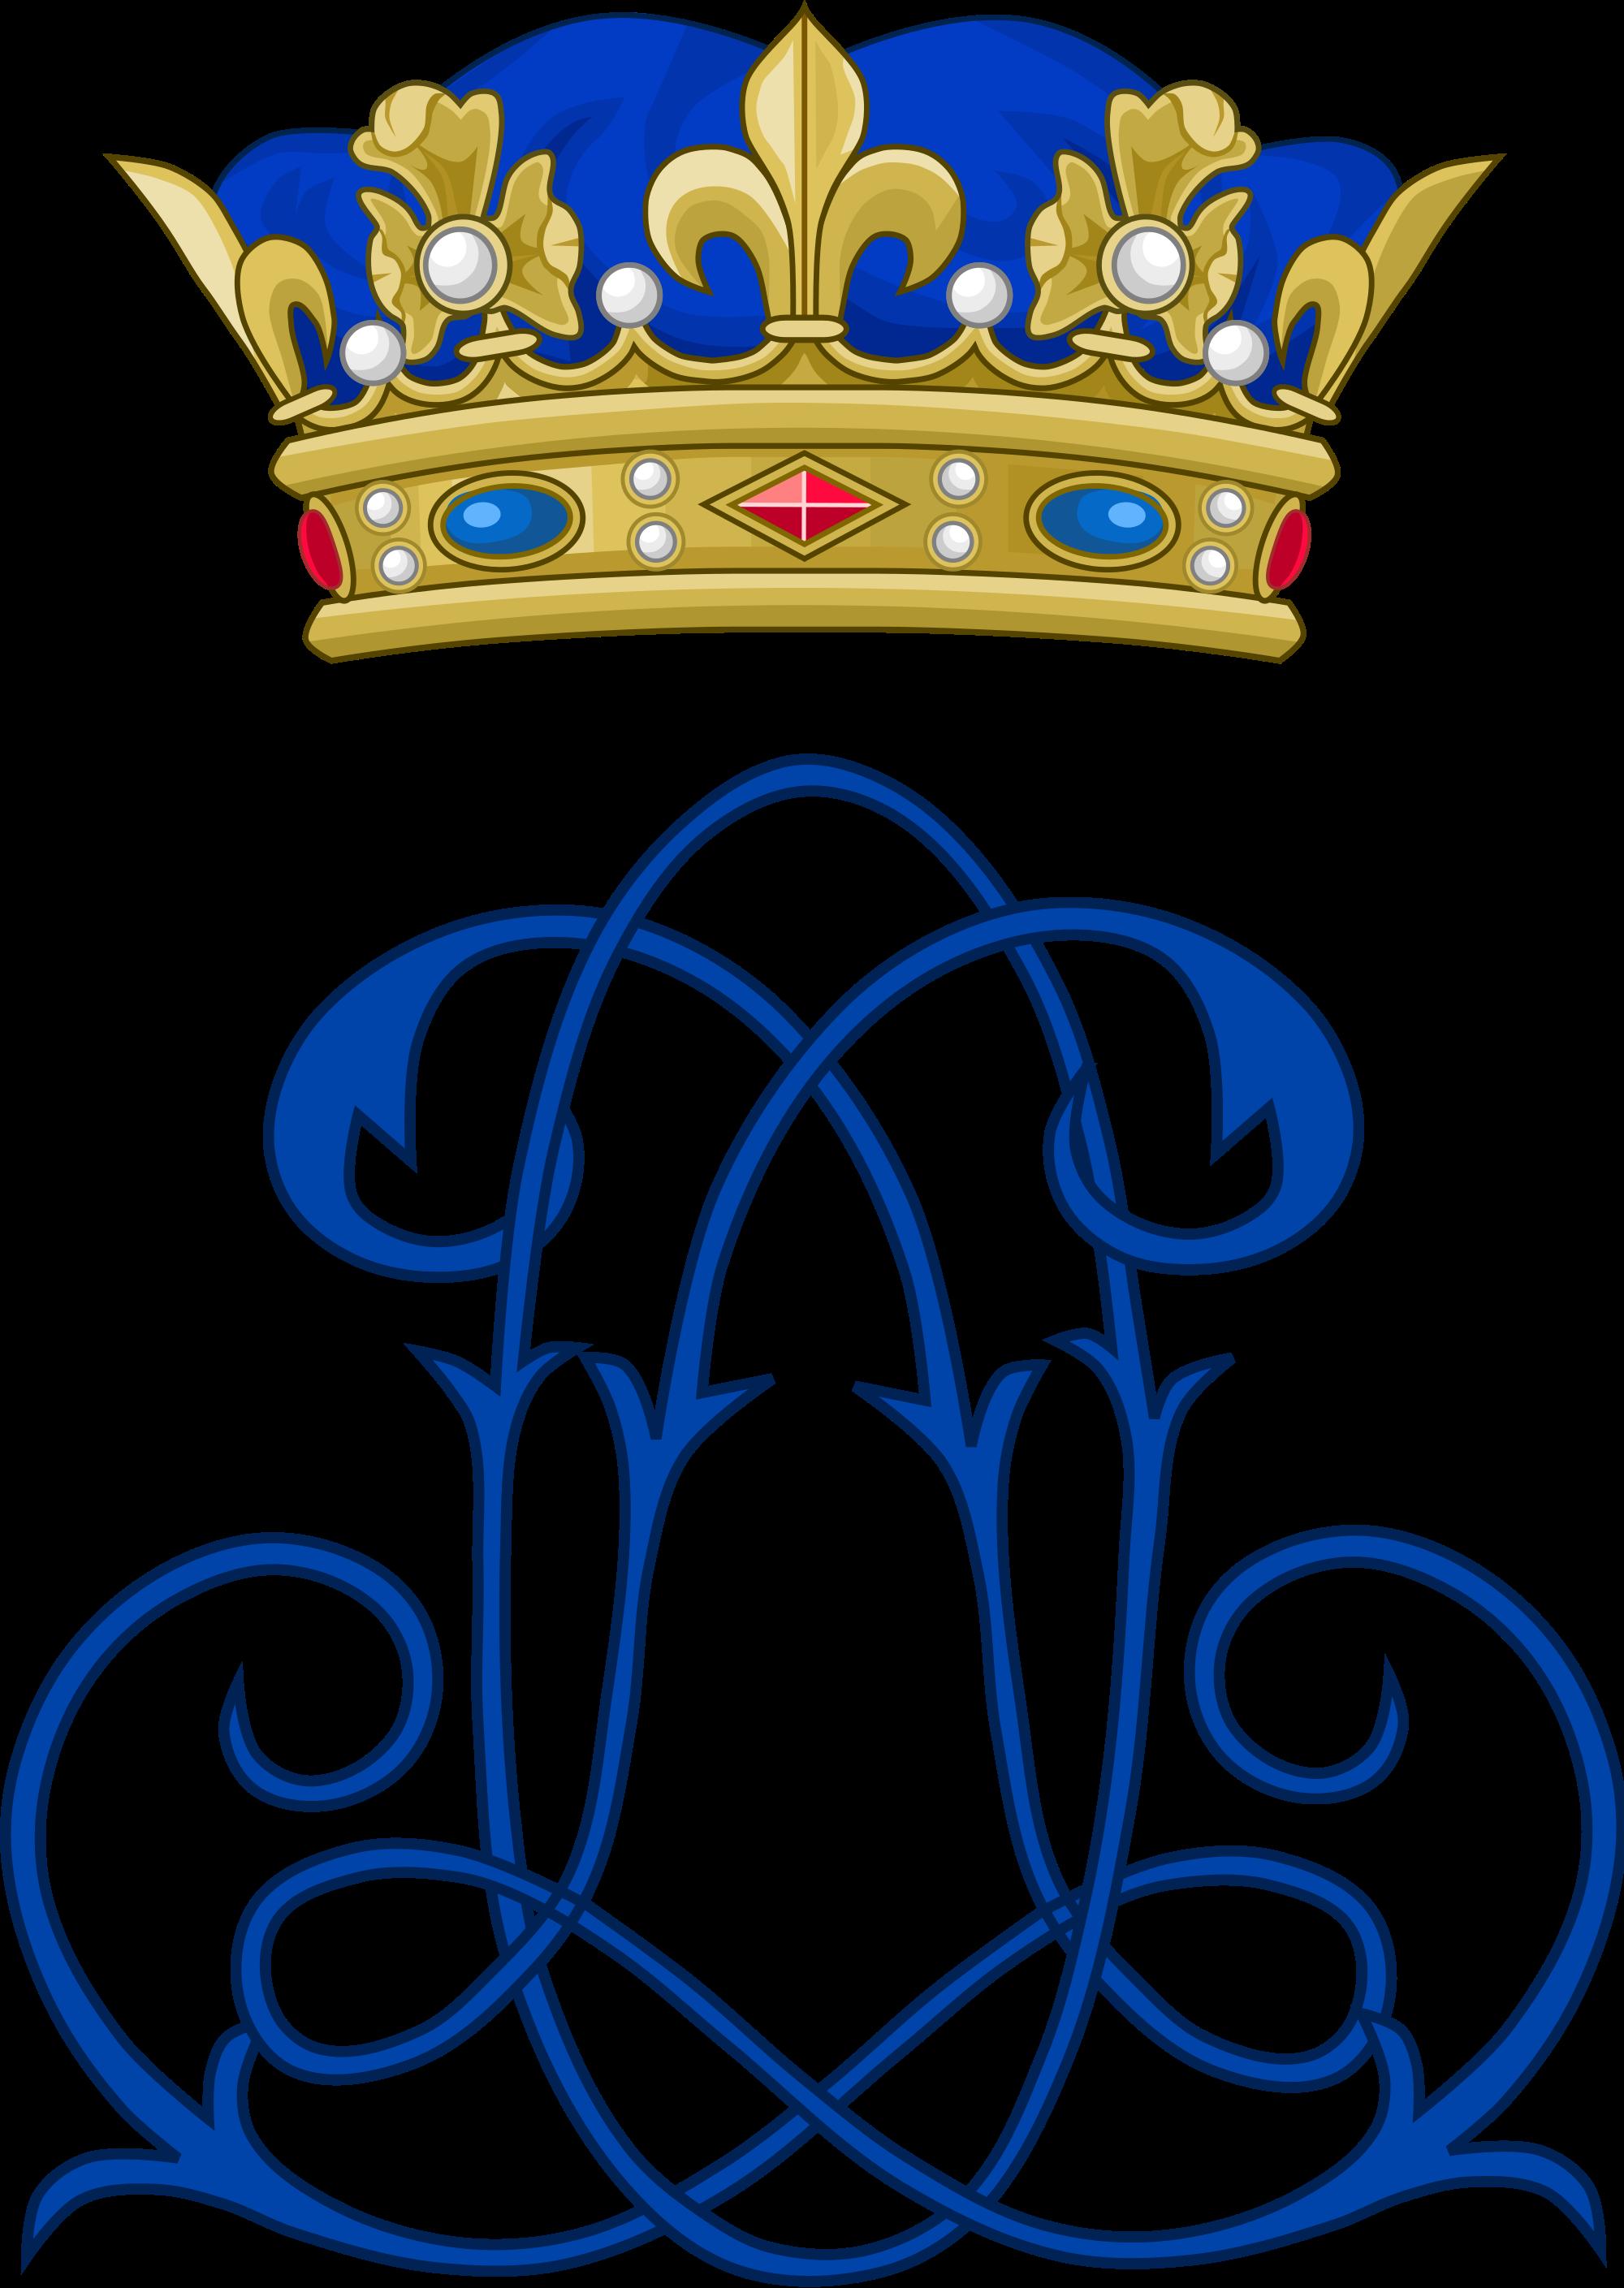 Louis of Orléans, Duke of Nemours